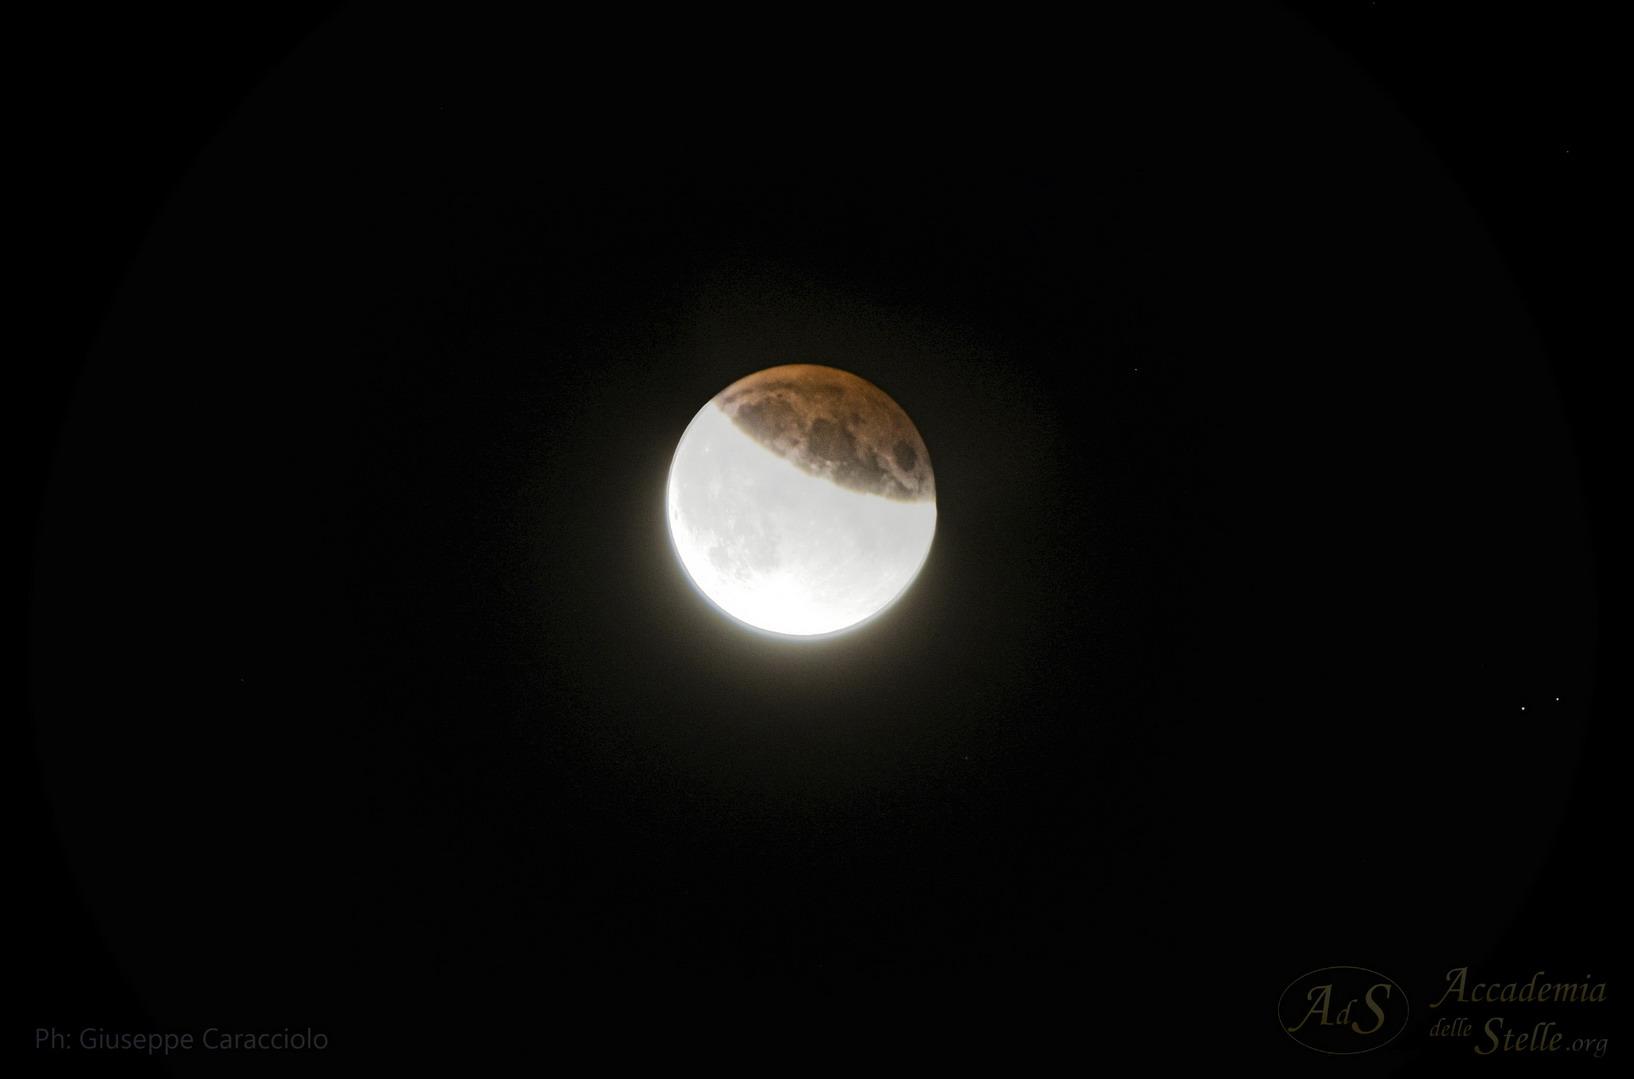 """Dettaglio della parte """"eclissata"""" della Luna: si nota chiaramente la netta colorazione rossa, dovuta al passaggio della luce solare attraverso l'atmosfera del nostro pianeta: come avviene al tramonto, la luce diventa rossa quando attraversa grosse masse d'aria... Foto di Giuseppe Caracciolo."""